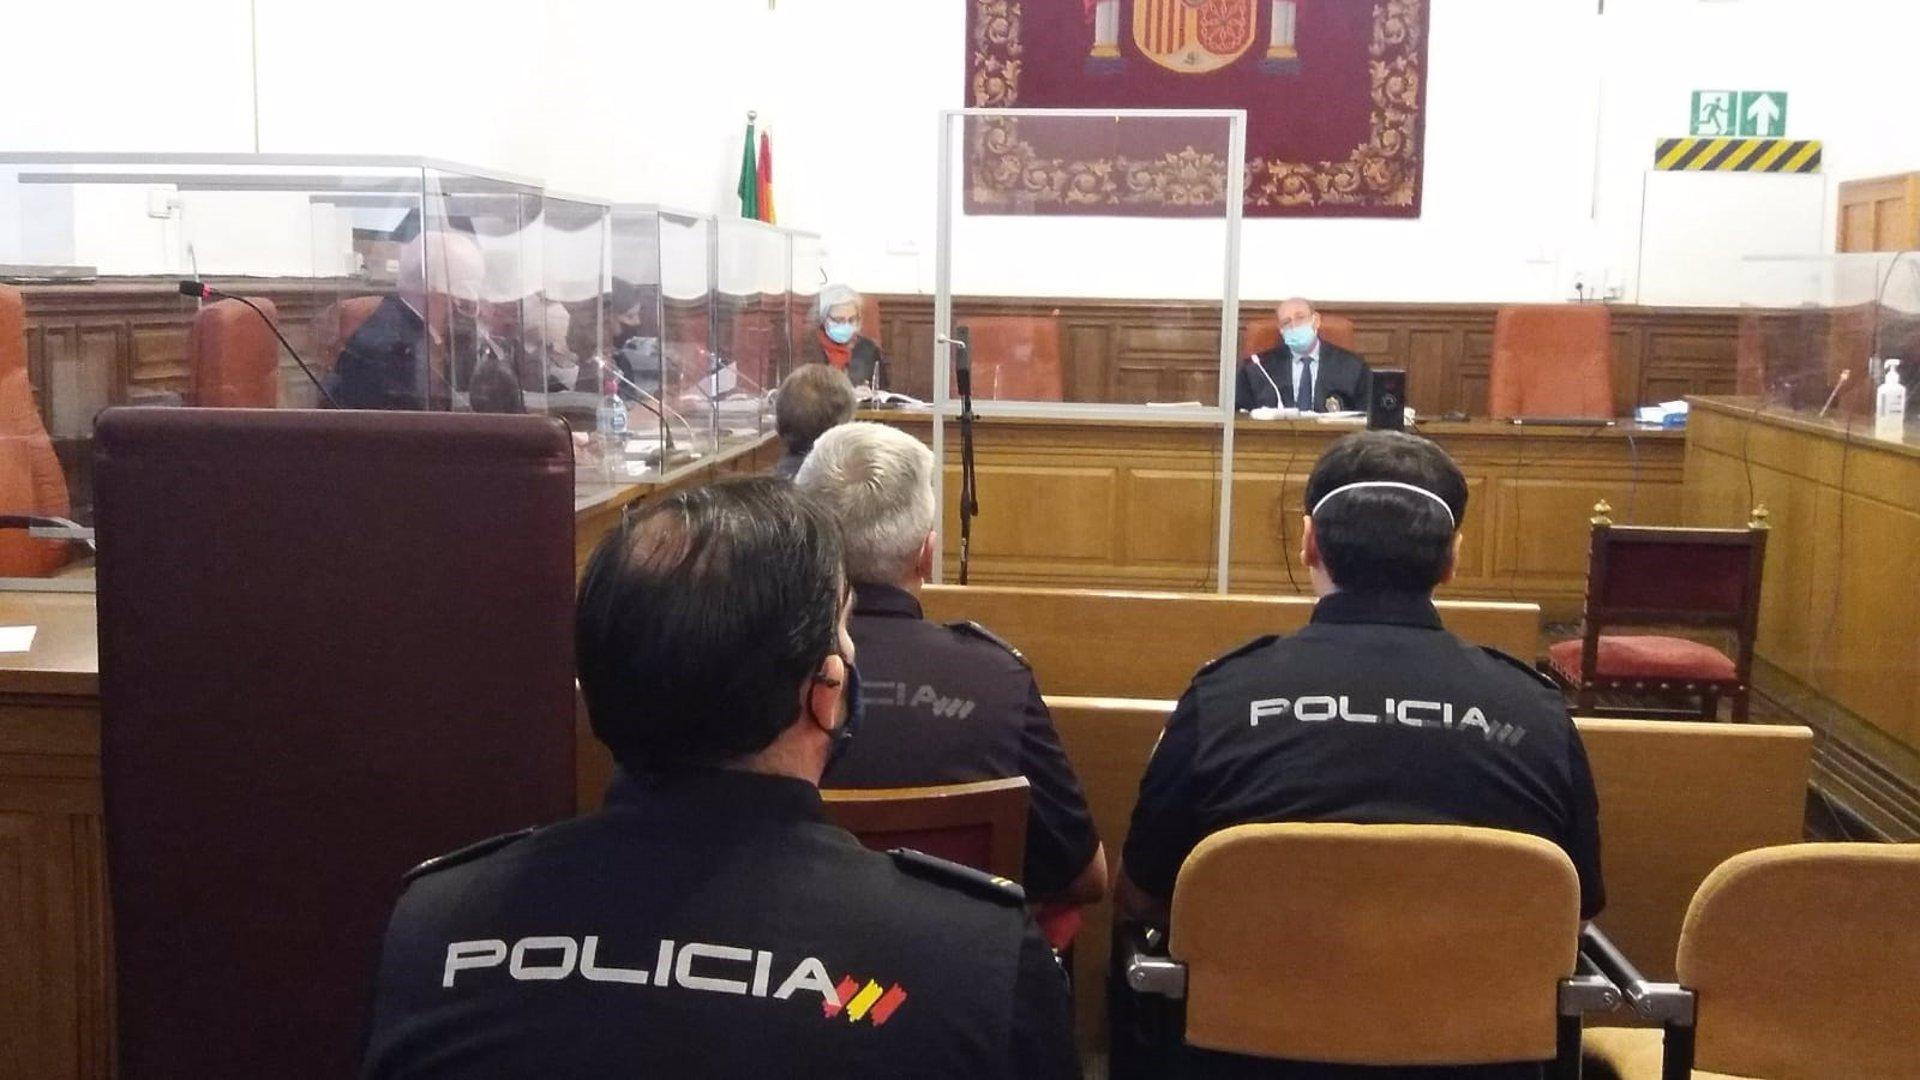 Condenado a 12 años de prisión por el homicidio de su yerno en Deifontes